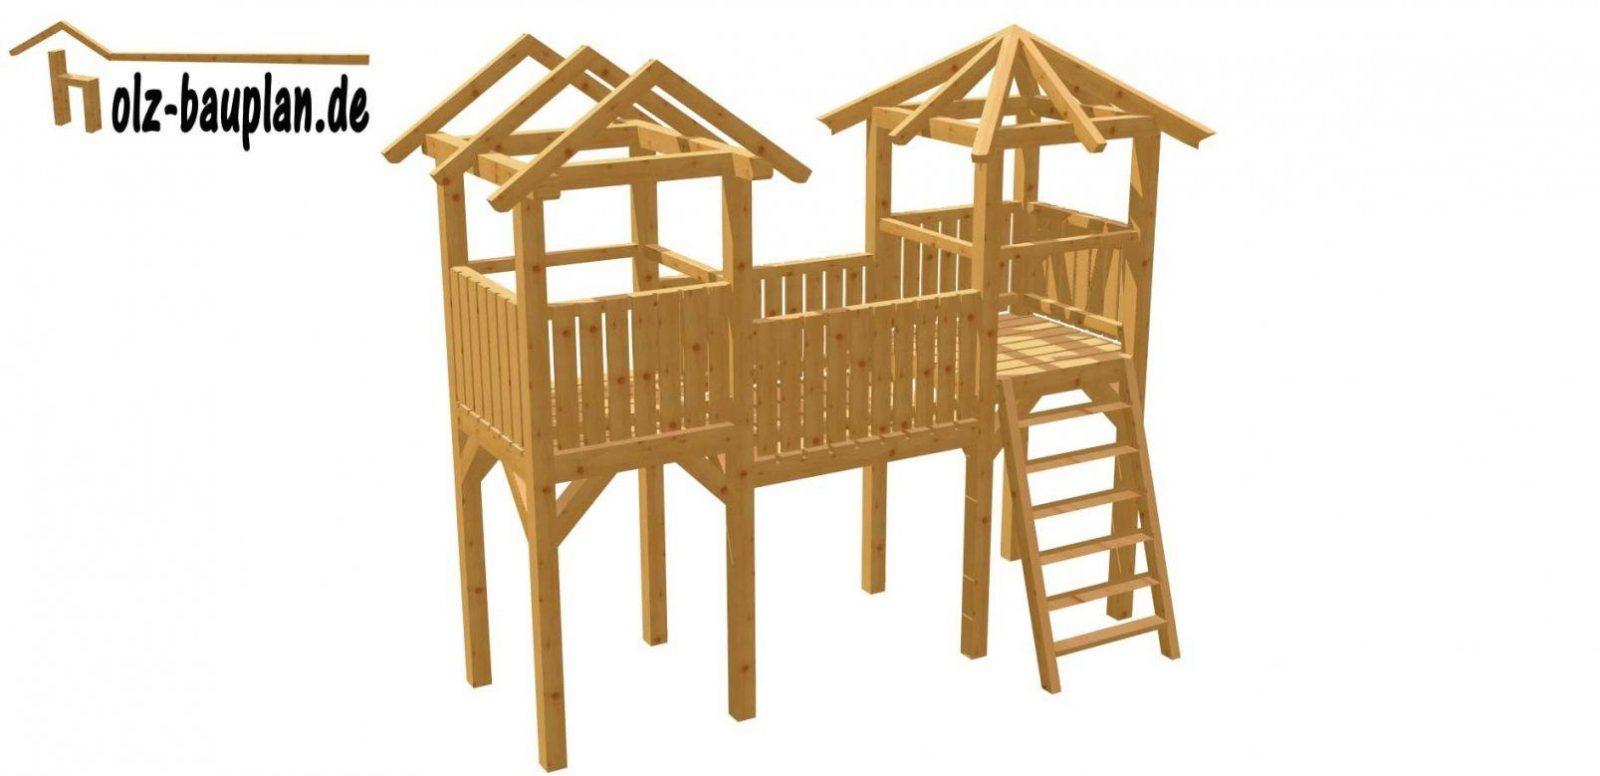 Spielturm Selber Bauen  Youtube von Bauanleitung Spielturm Selber Bauen Photo